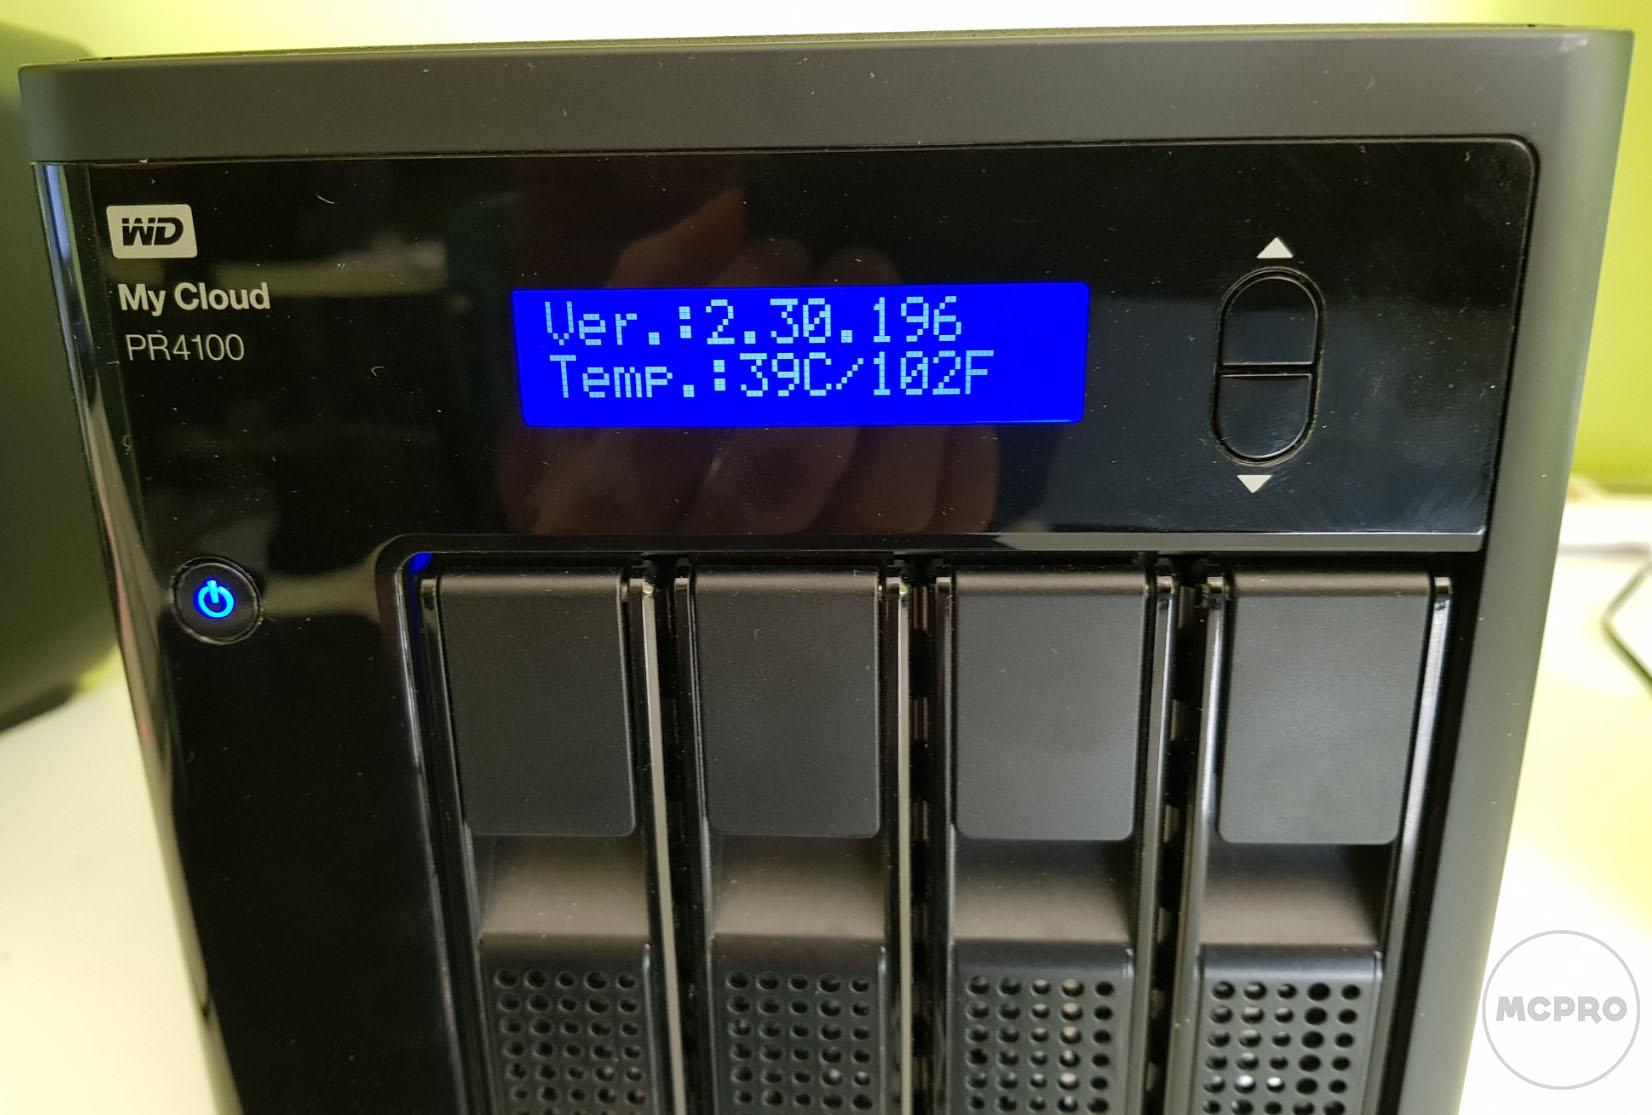 Probamos el NAS WD My Cloud Pro PR4100 33